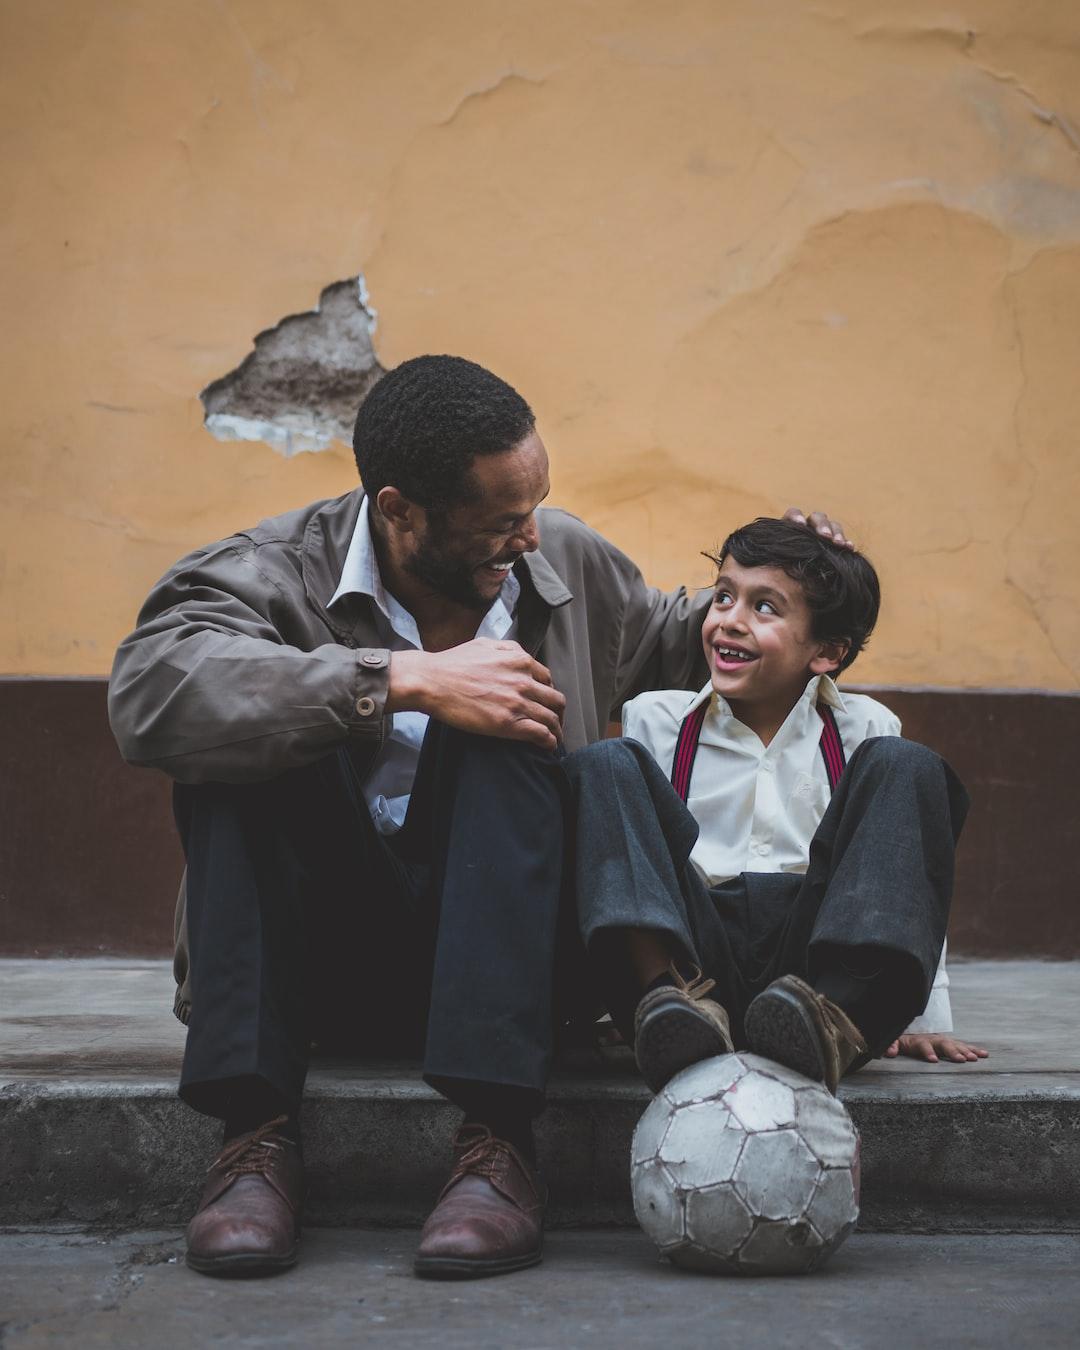 Vater und Sohn lachen sich an